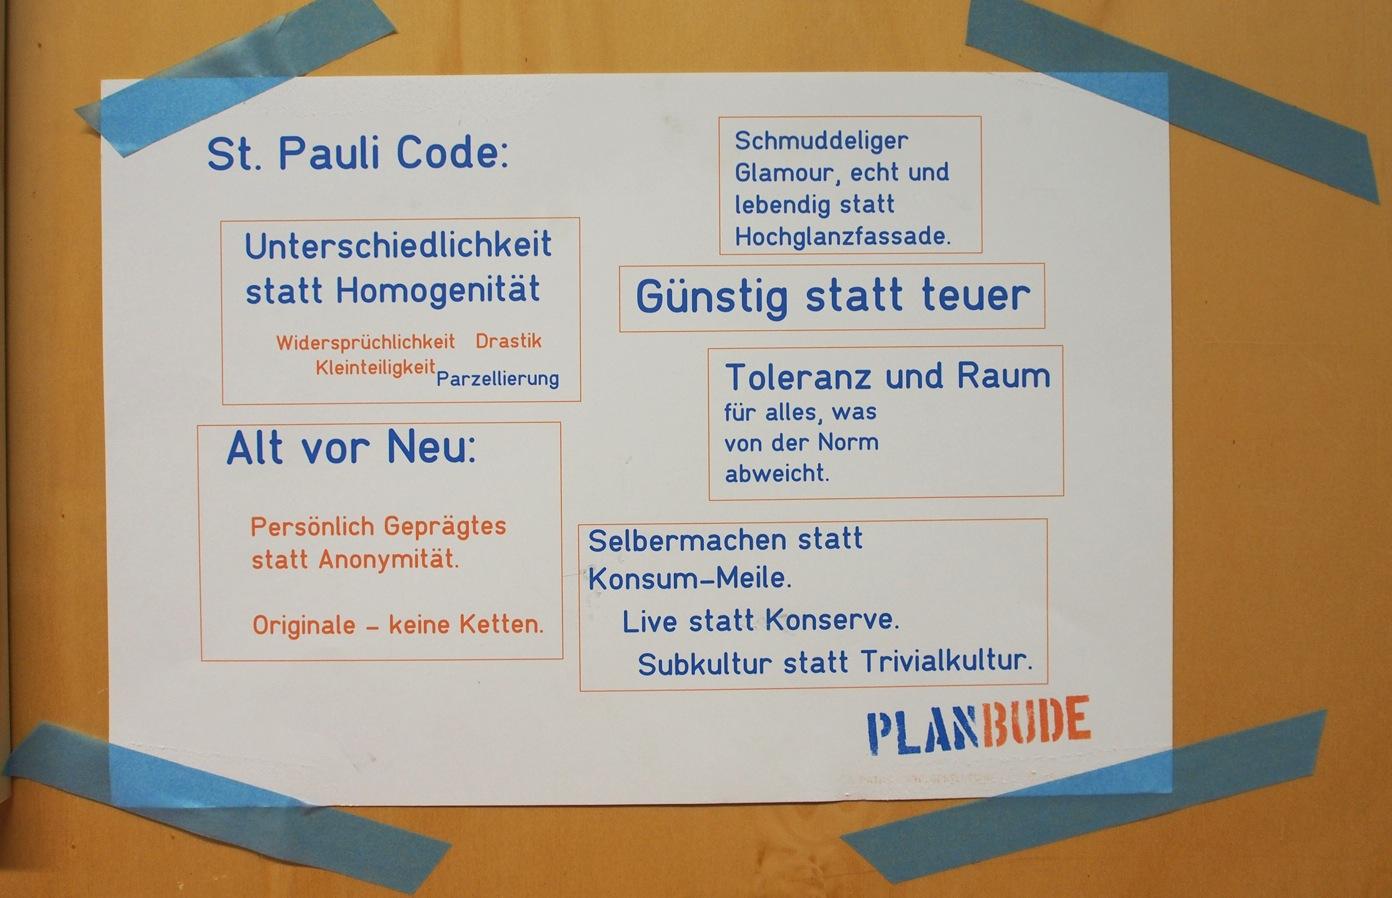 Der St. Pauli Code